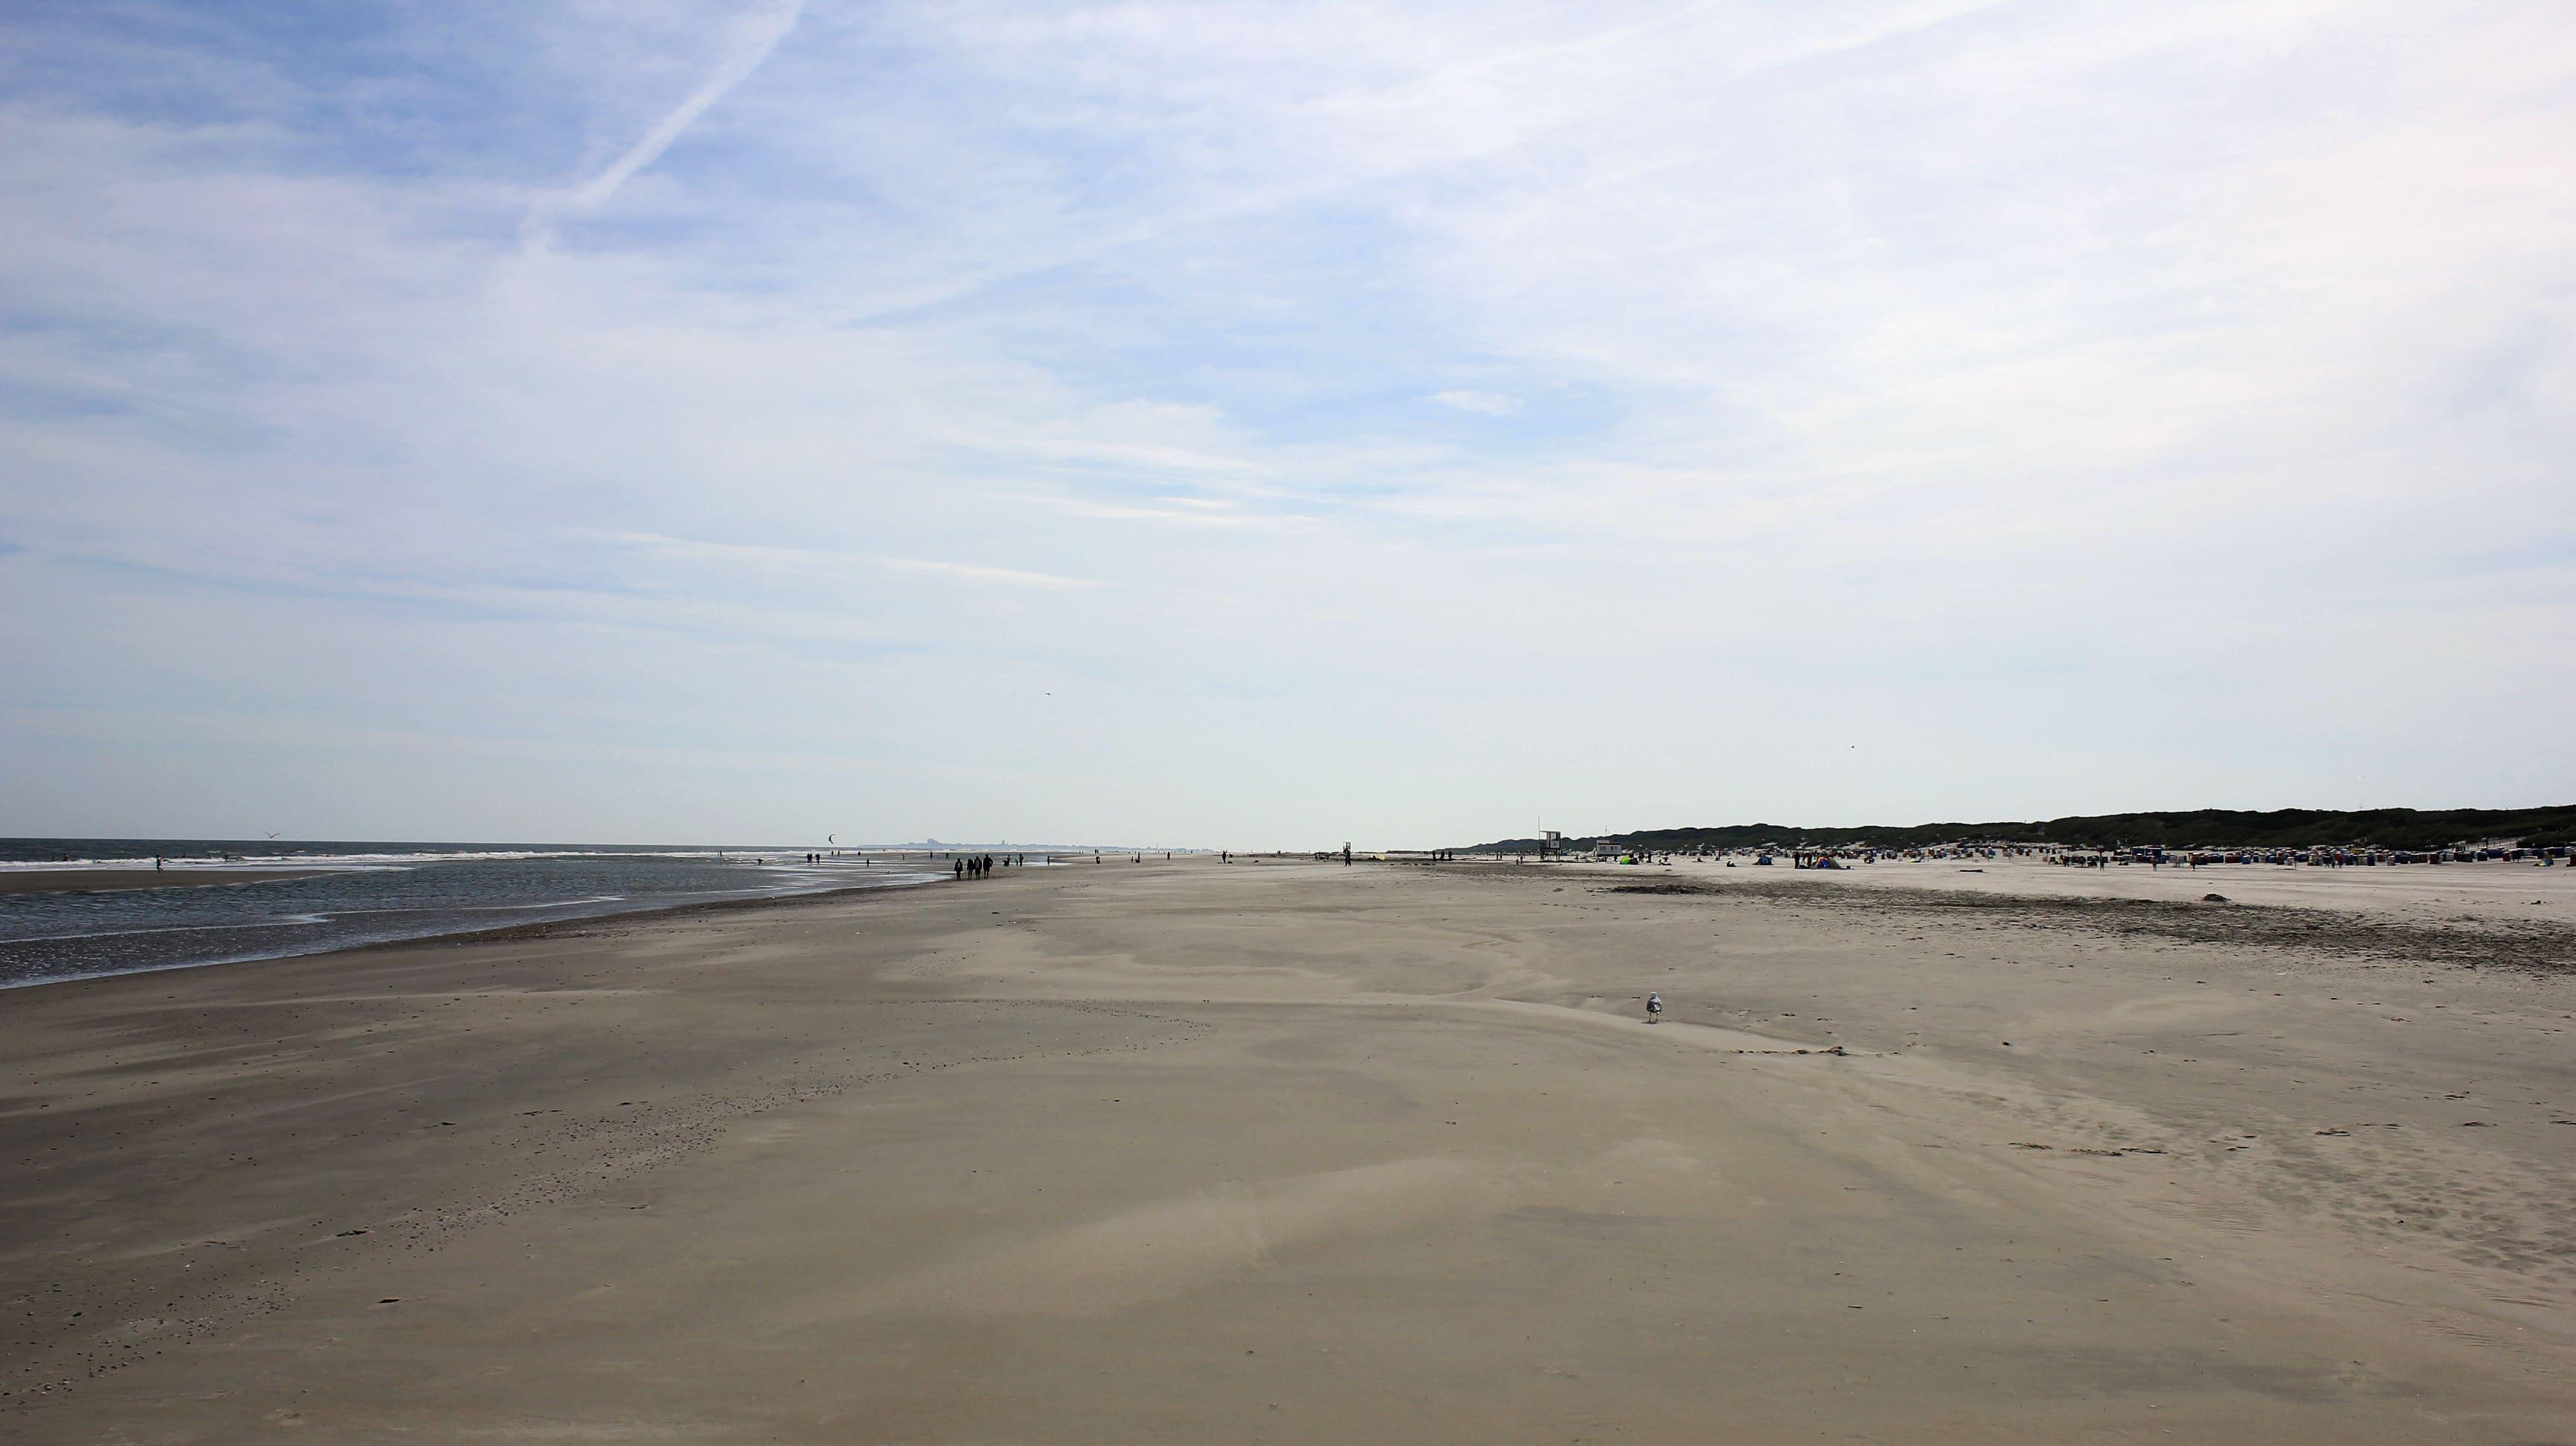 Wohin man auf Juist auch blickt: Man sieht fast immer nur Strand.